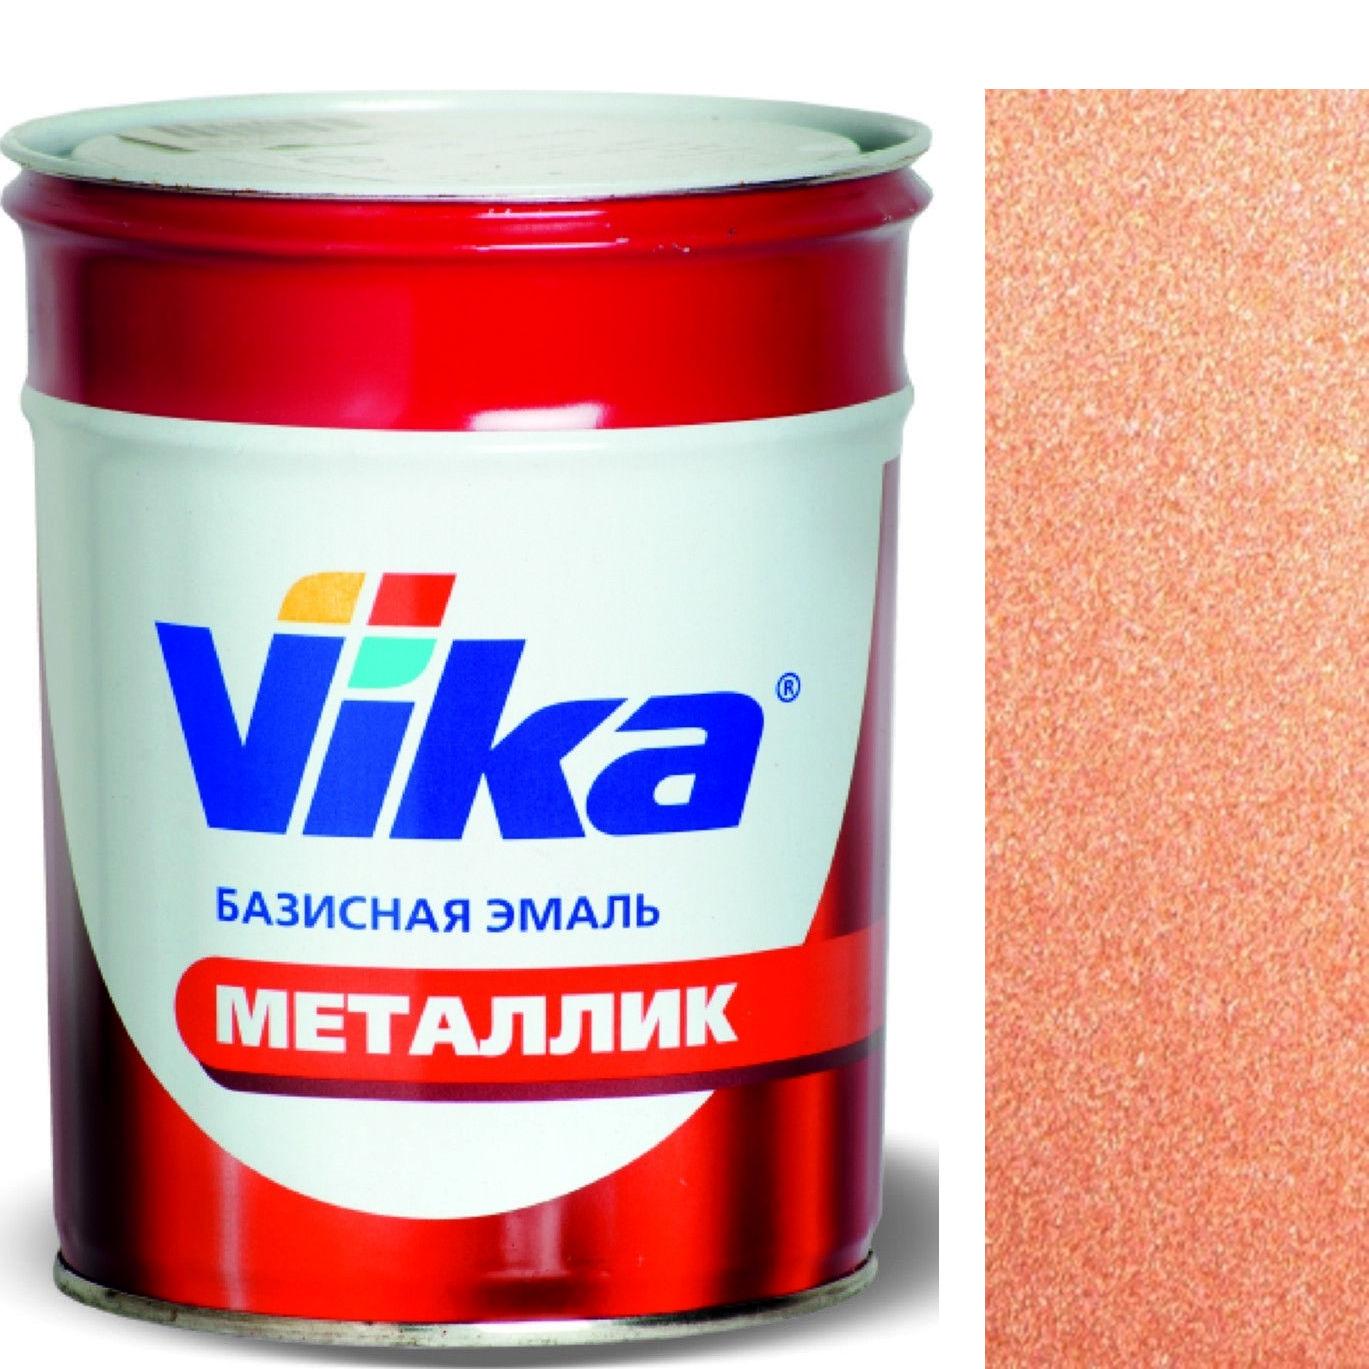 """Фото 3 - Автоэмаль """"Металлик"""" 102 Абрикос, профессиональная базовая,  """"Вика/Vika""""."""